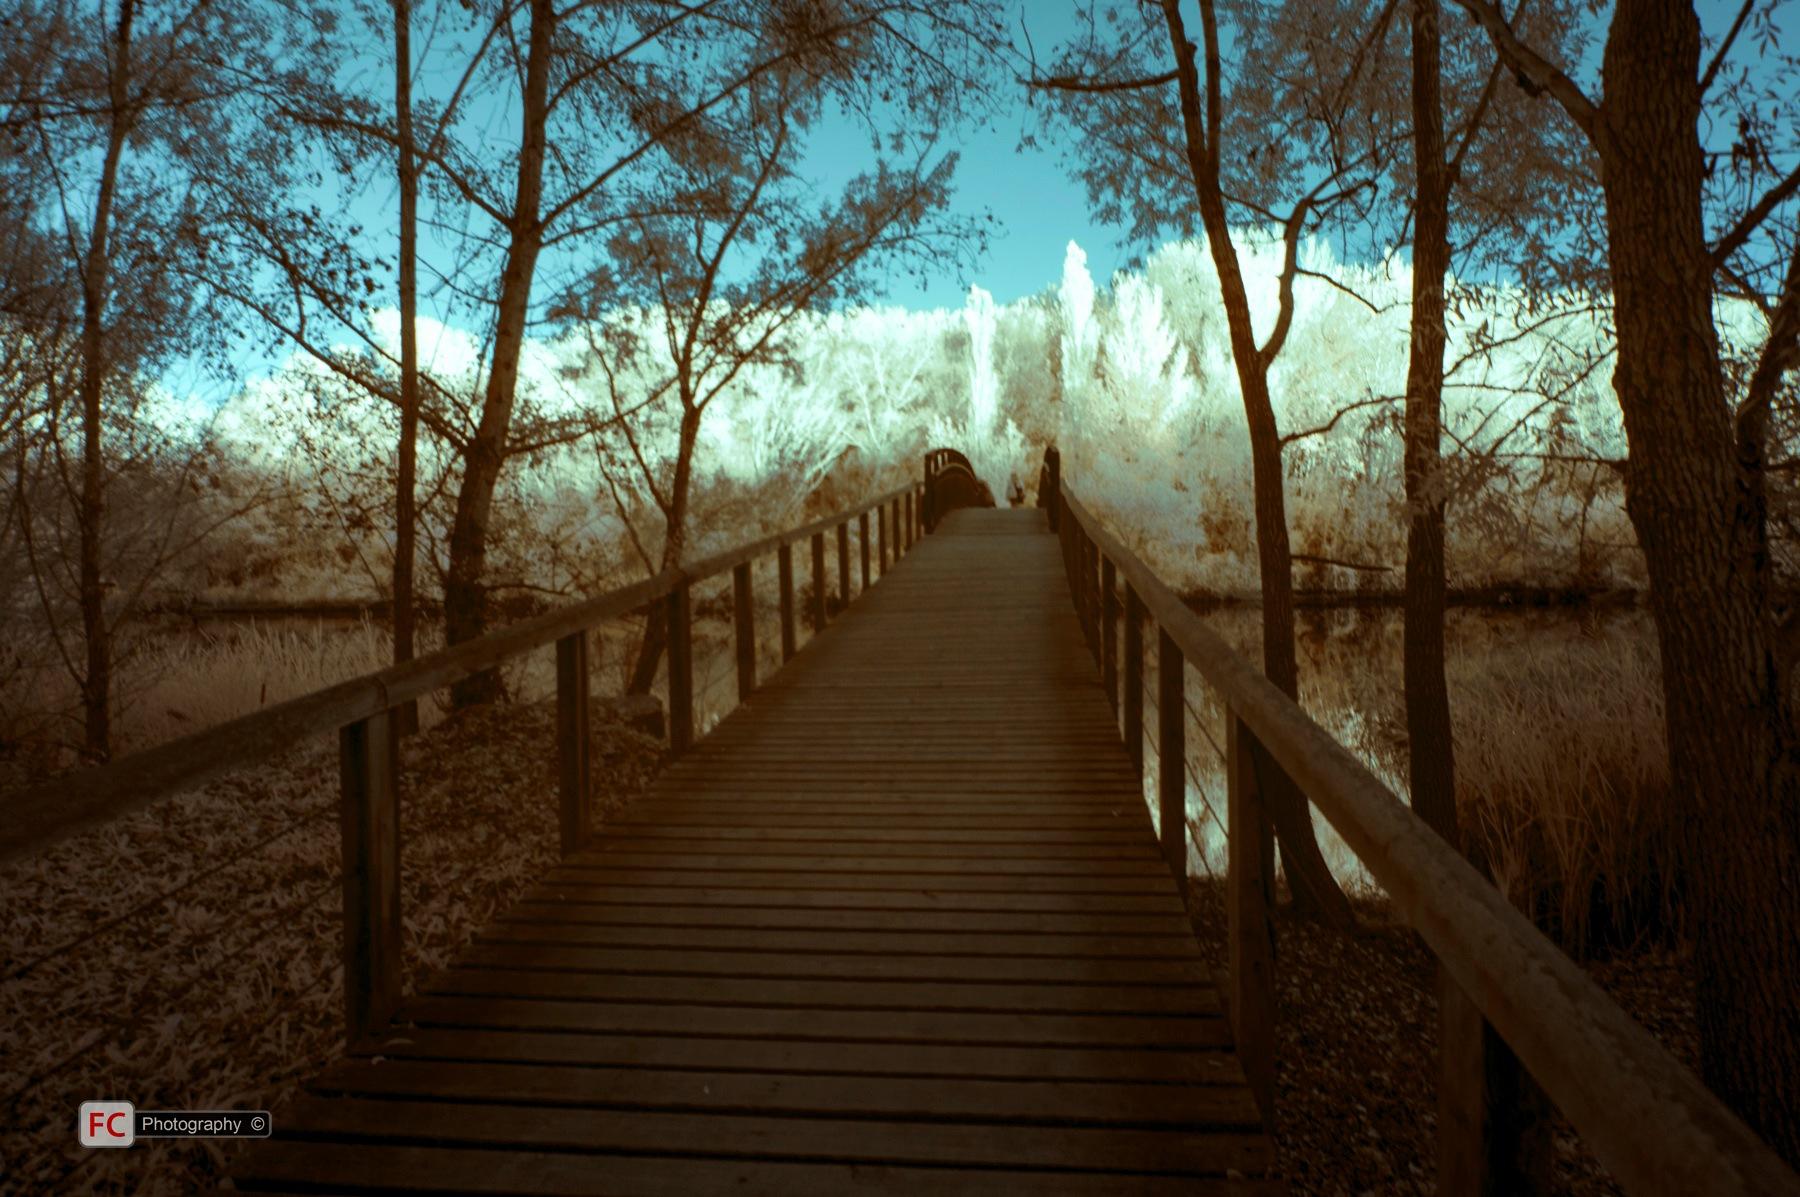 Parc de la Mitjana - IR 02 by FCivit